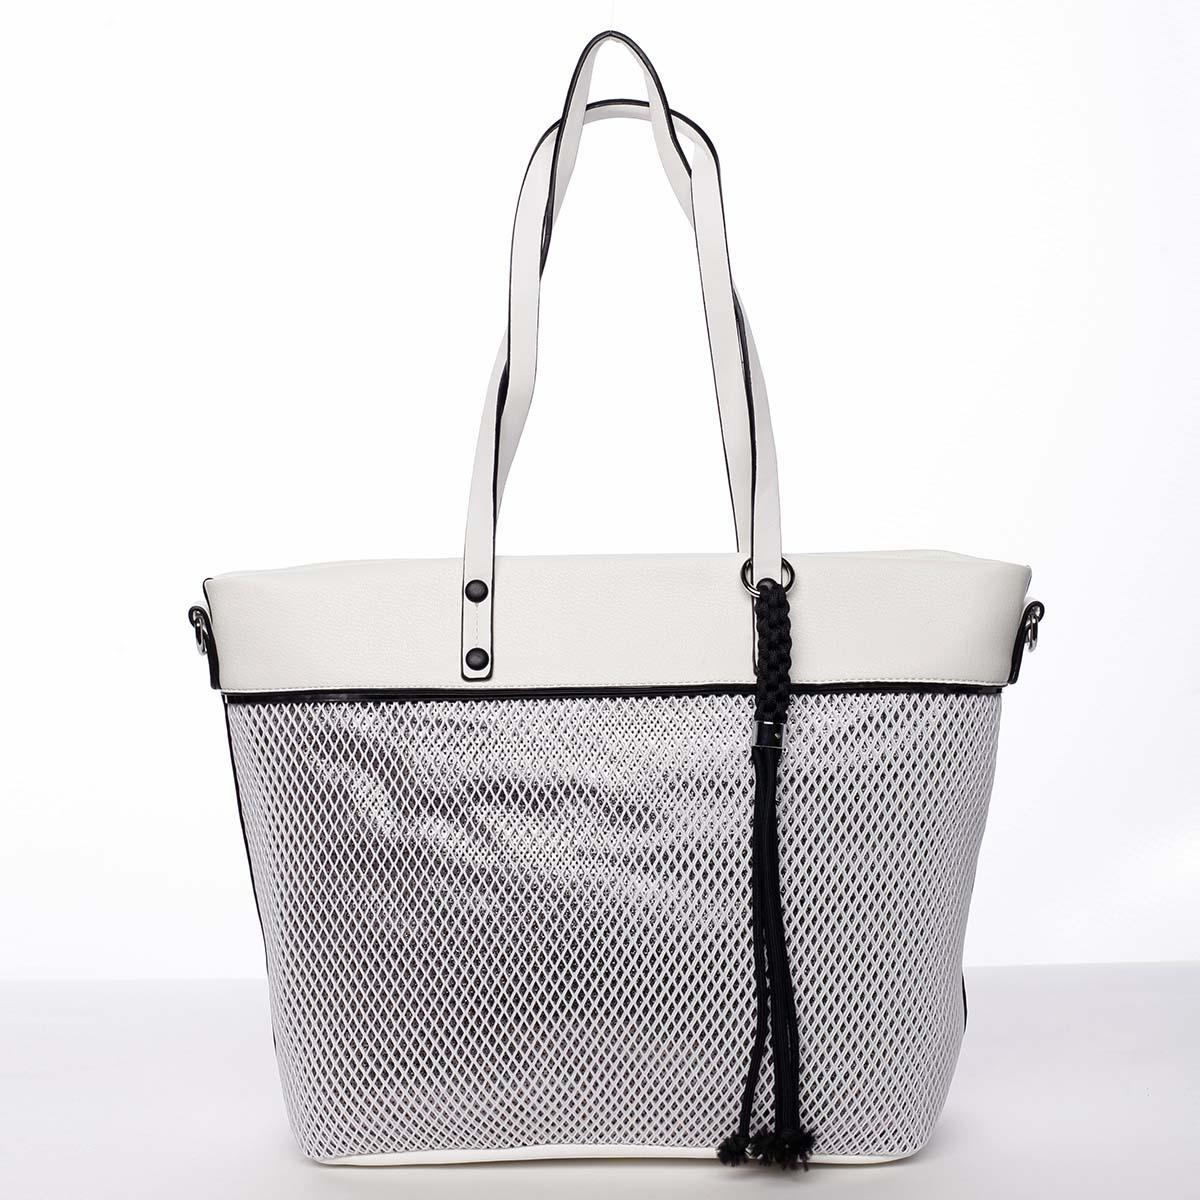 Jedinečná perforovaná dámská kabelka přes rameno bílá - Maria C Karolay bílá